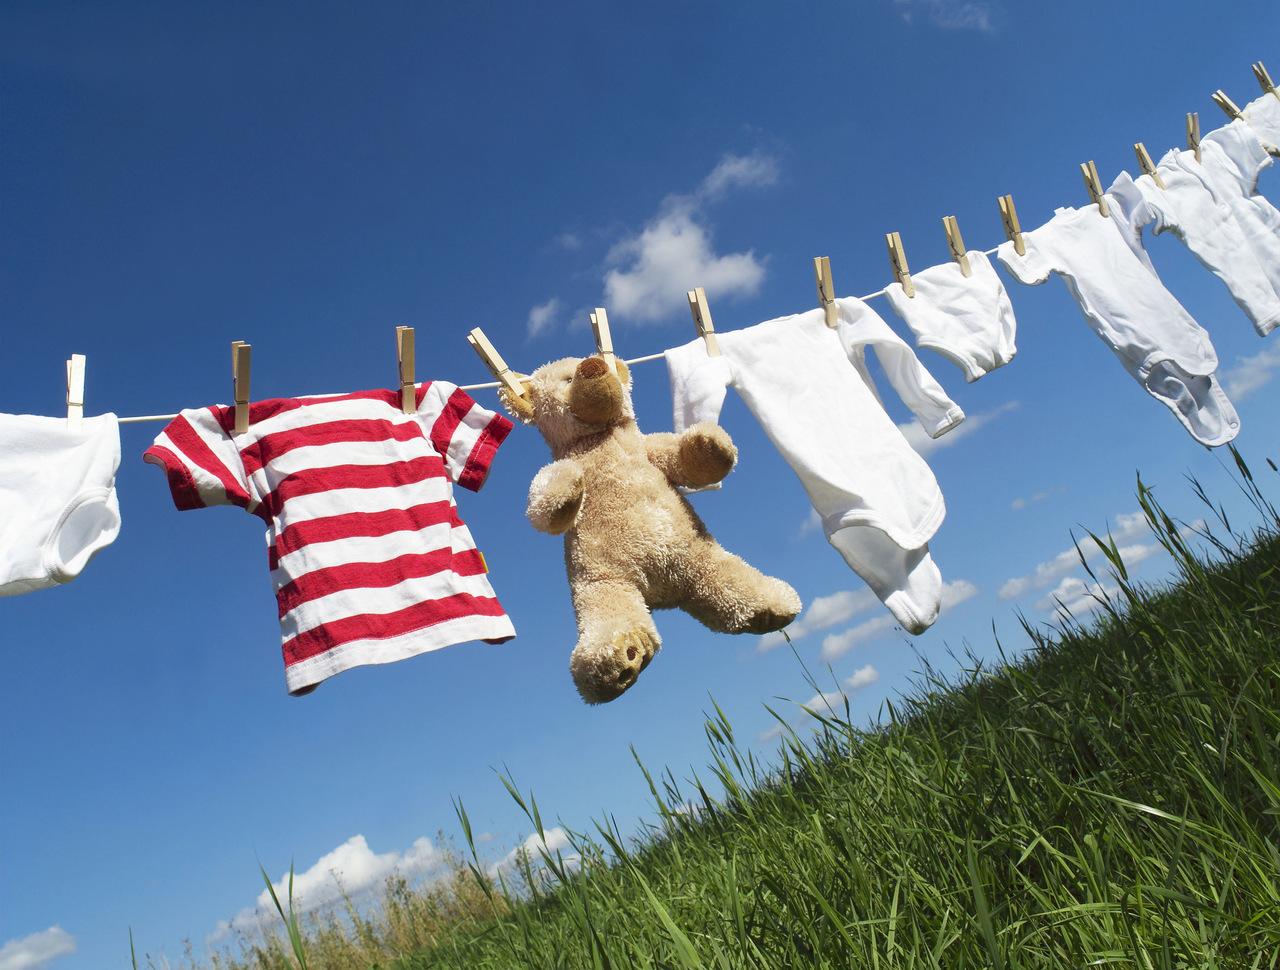 tendedero de ropa